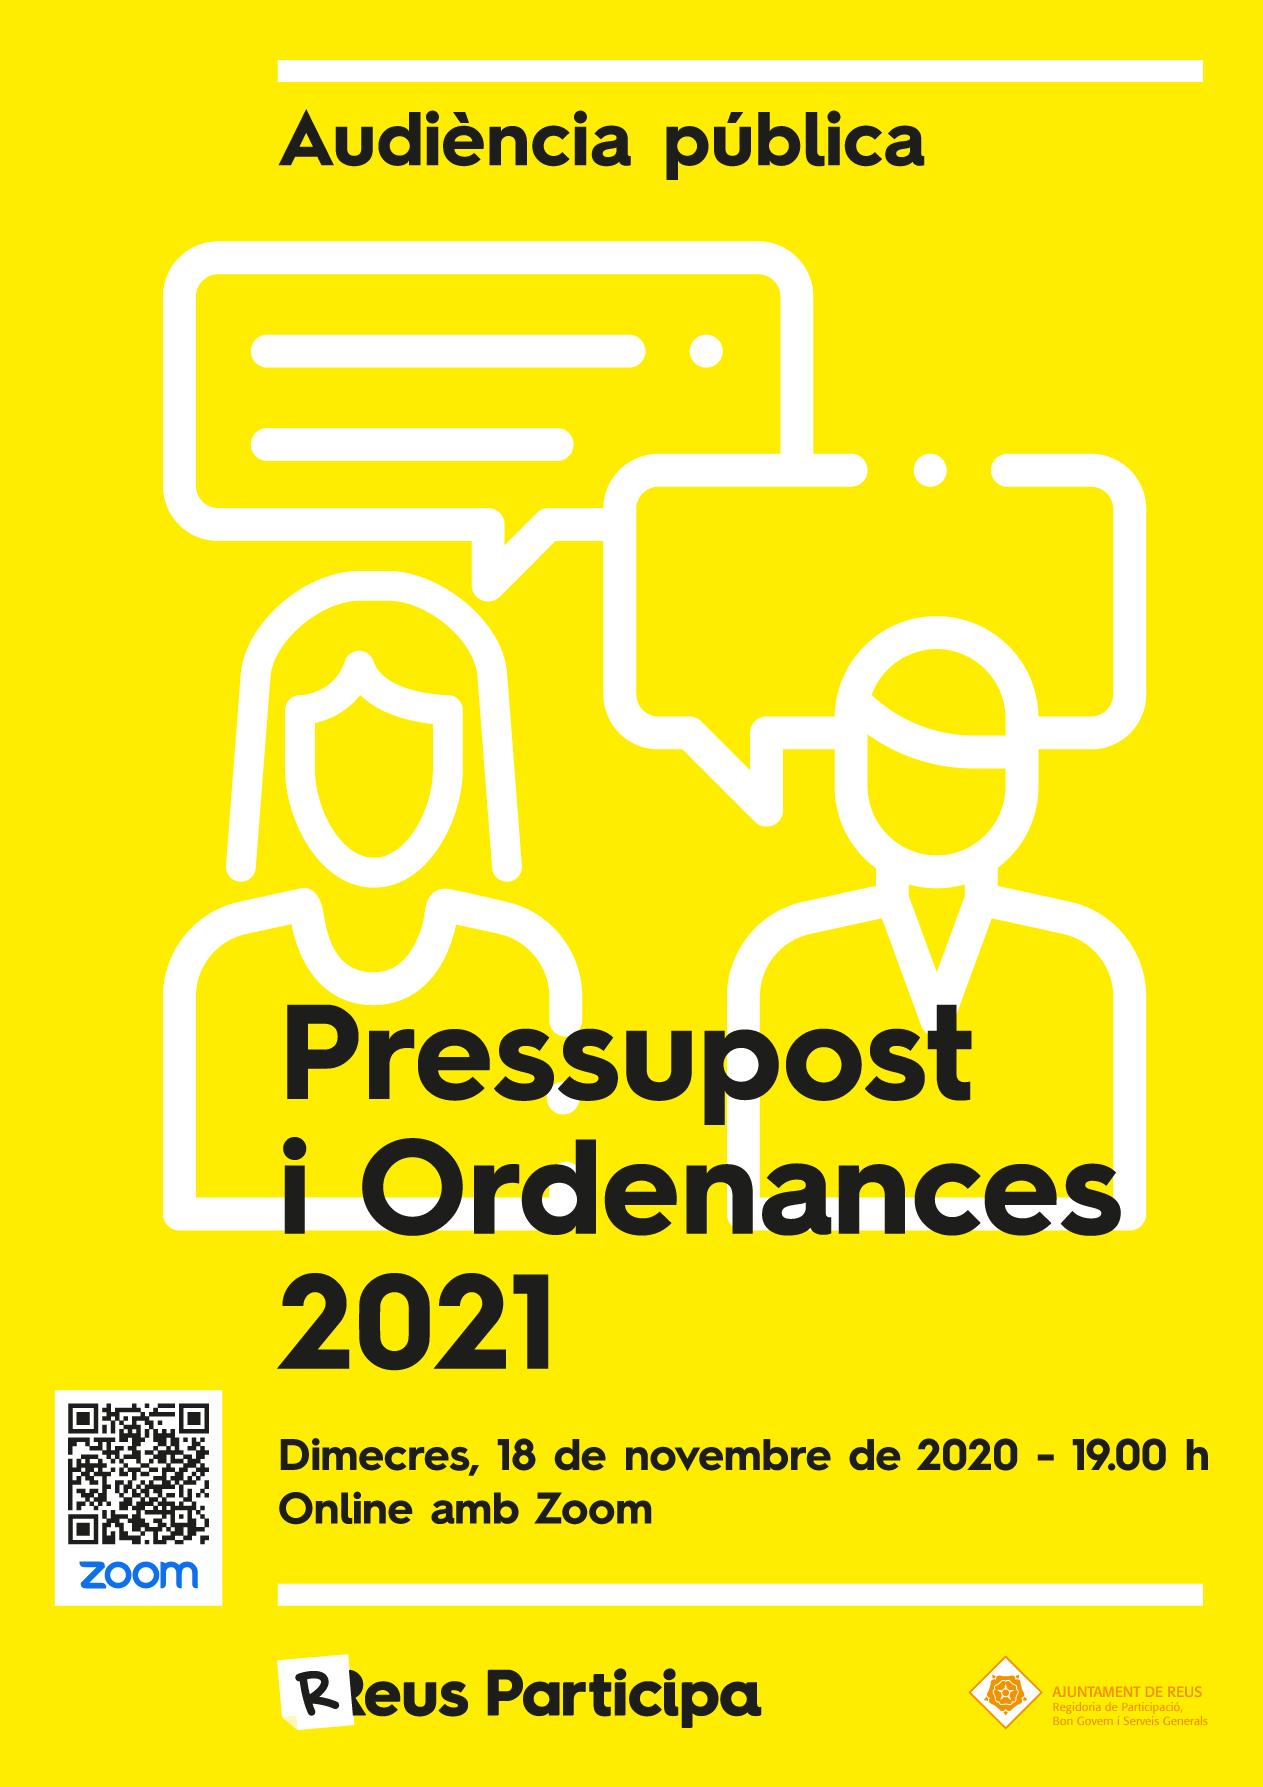 Audiència Pública de Pressupost i Ordenances 2021